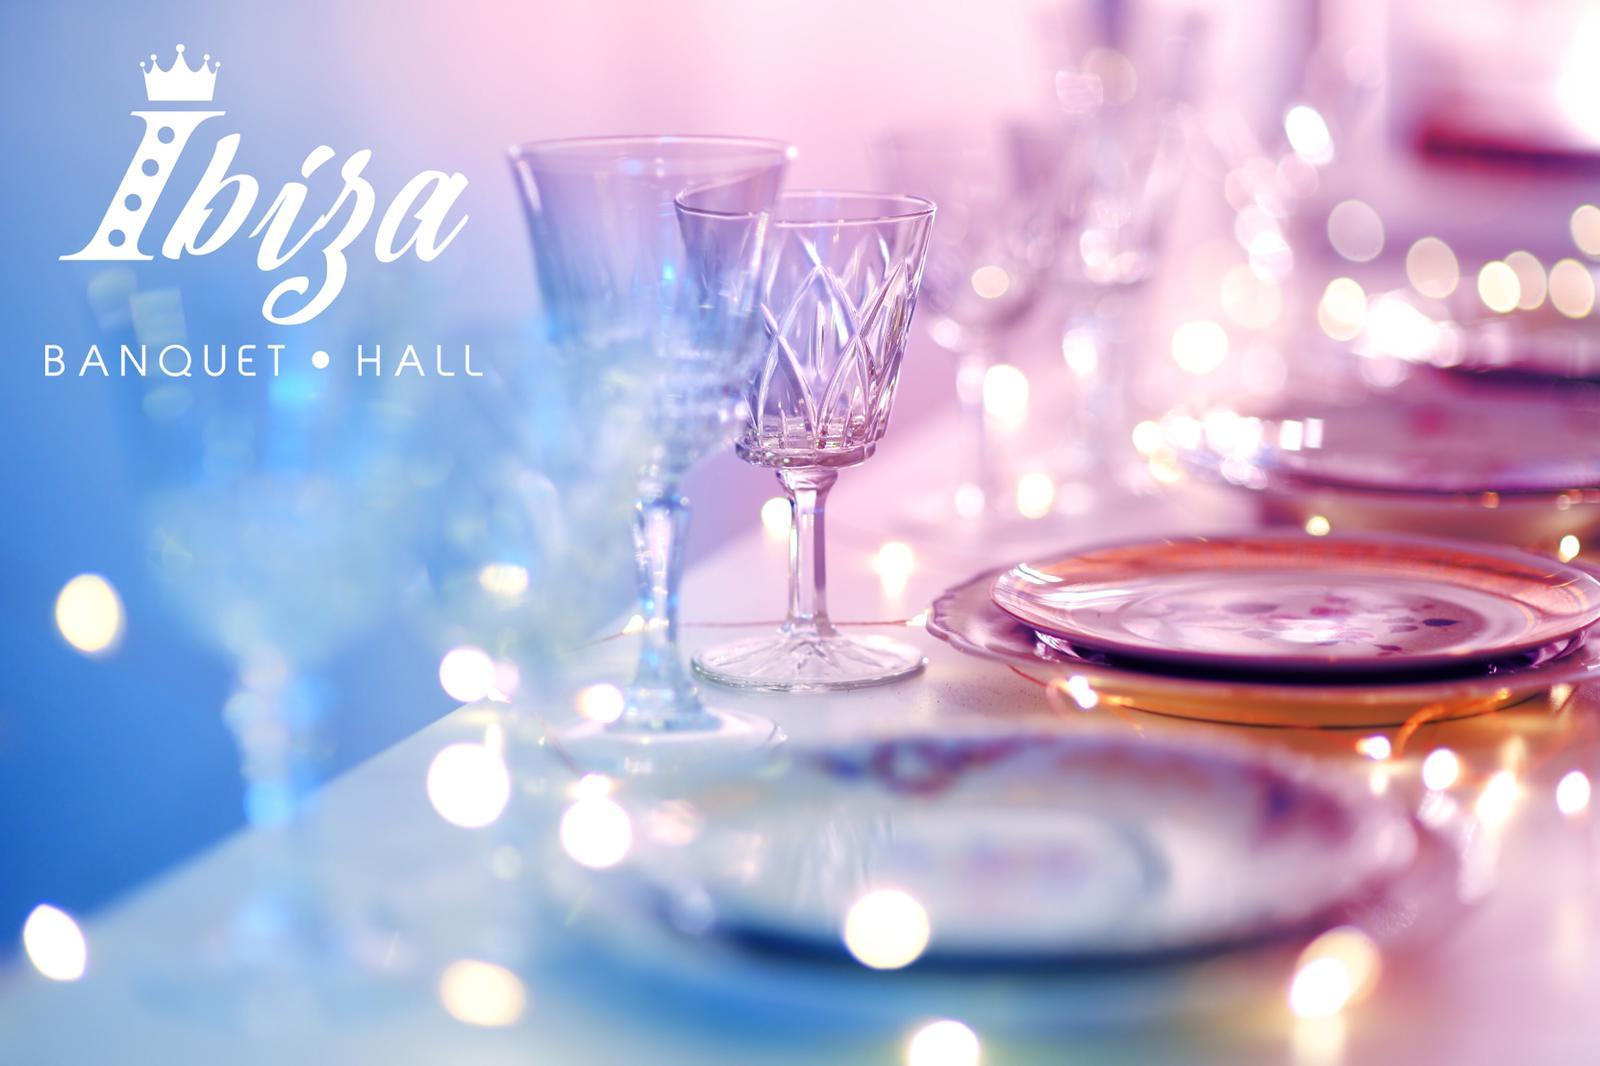 Ibiza Banquet Hall image 1